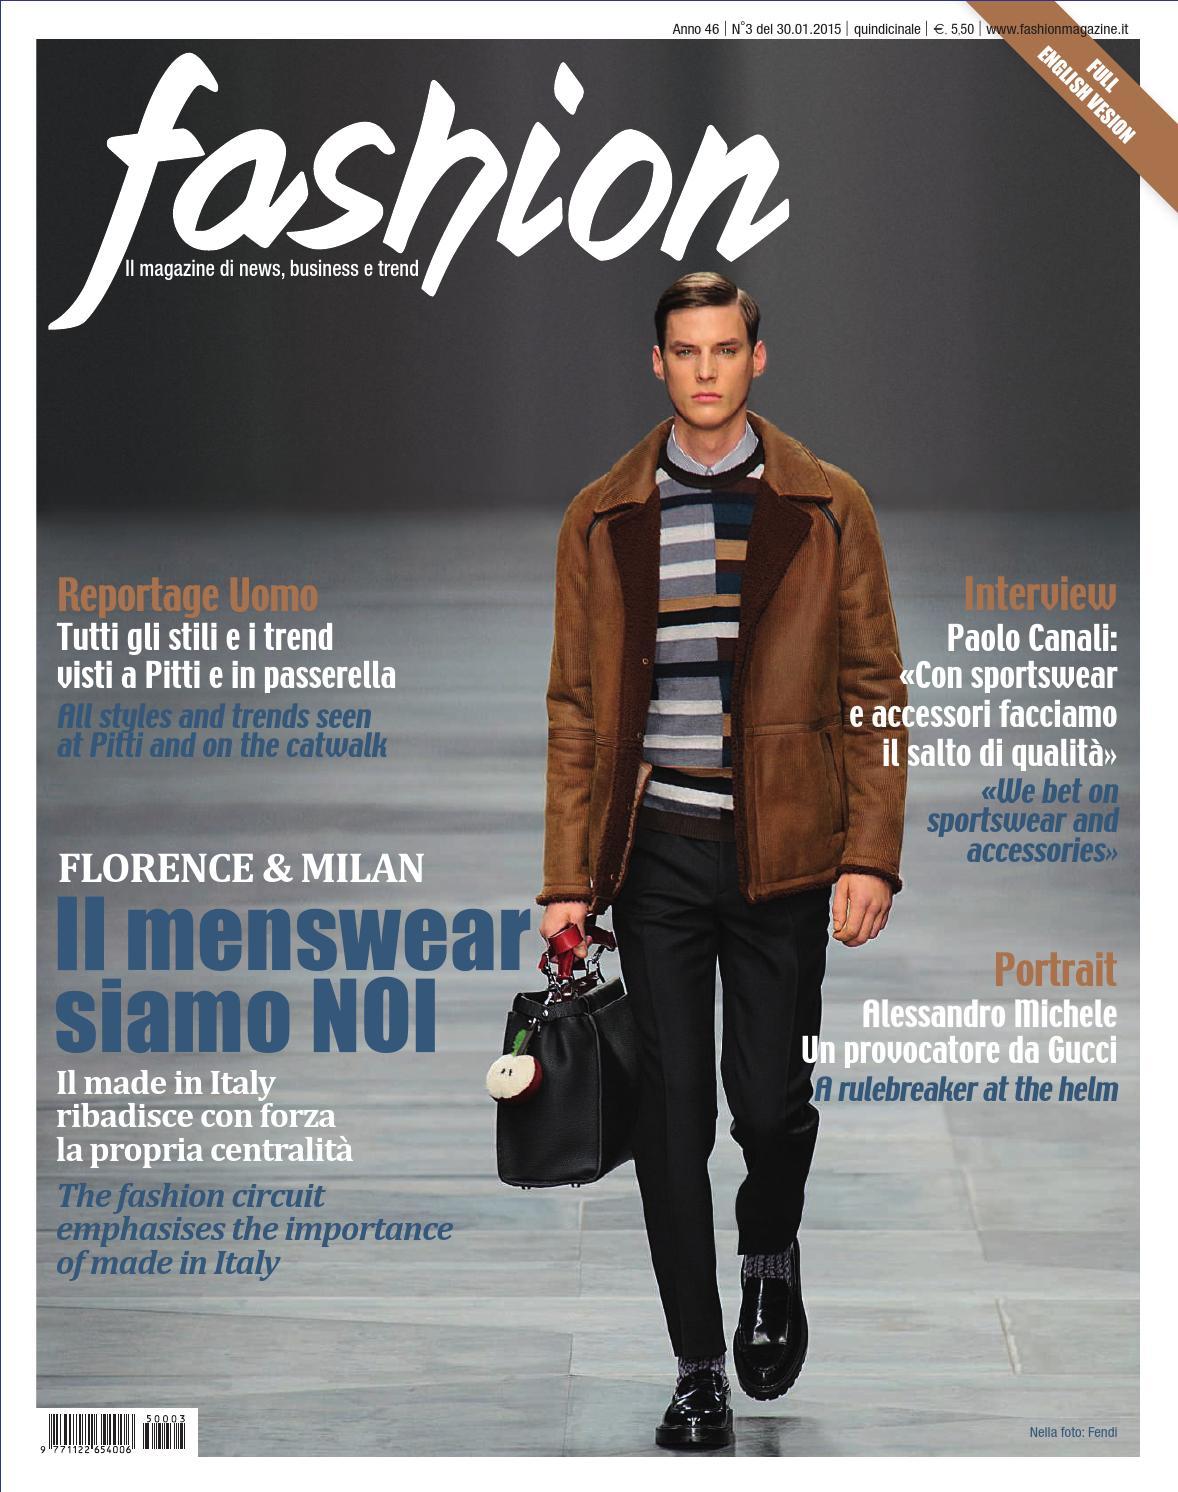 Fashion 3 2015 by Fashionmagazine - issuu 4d25c309d74